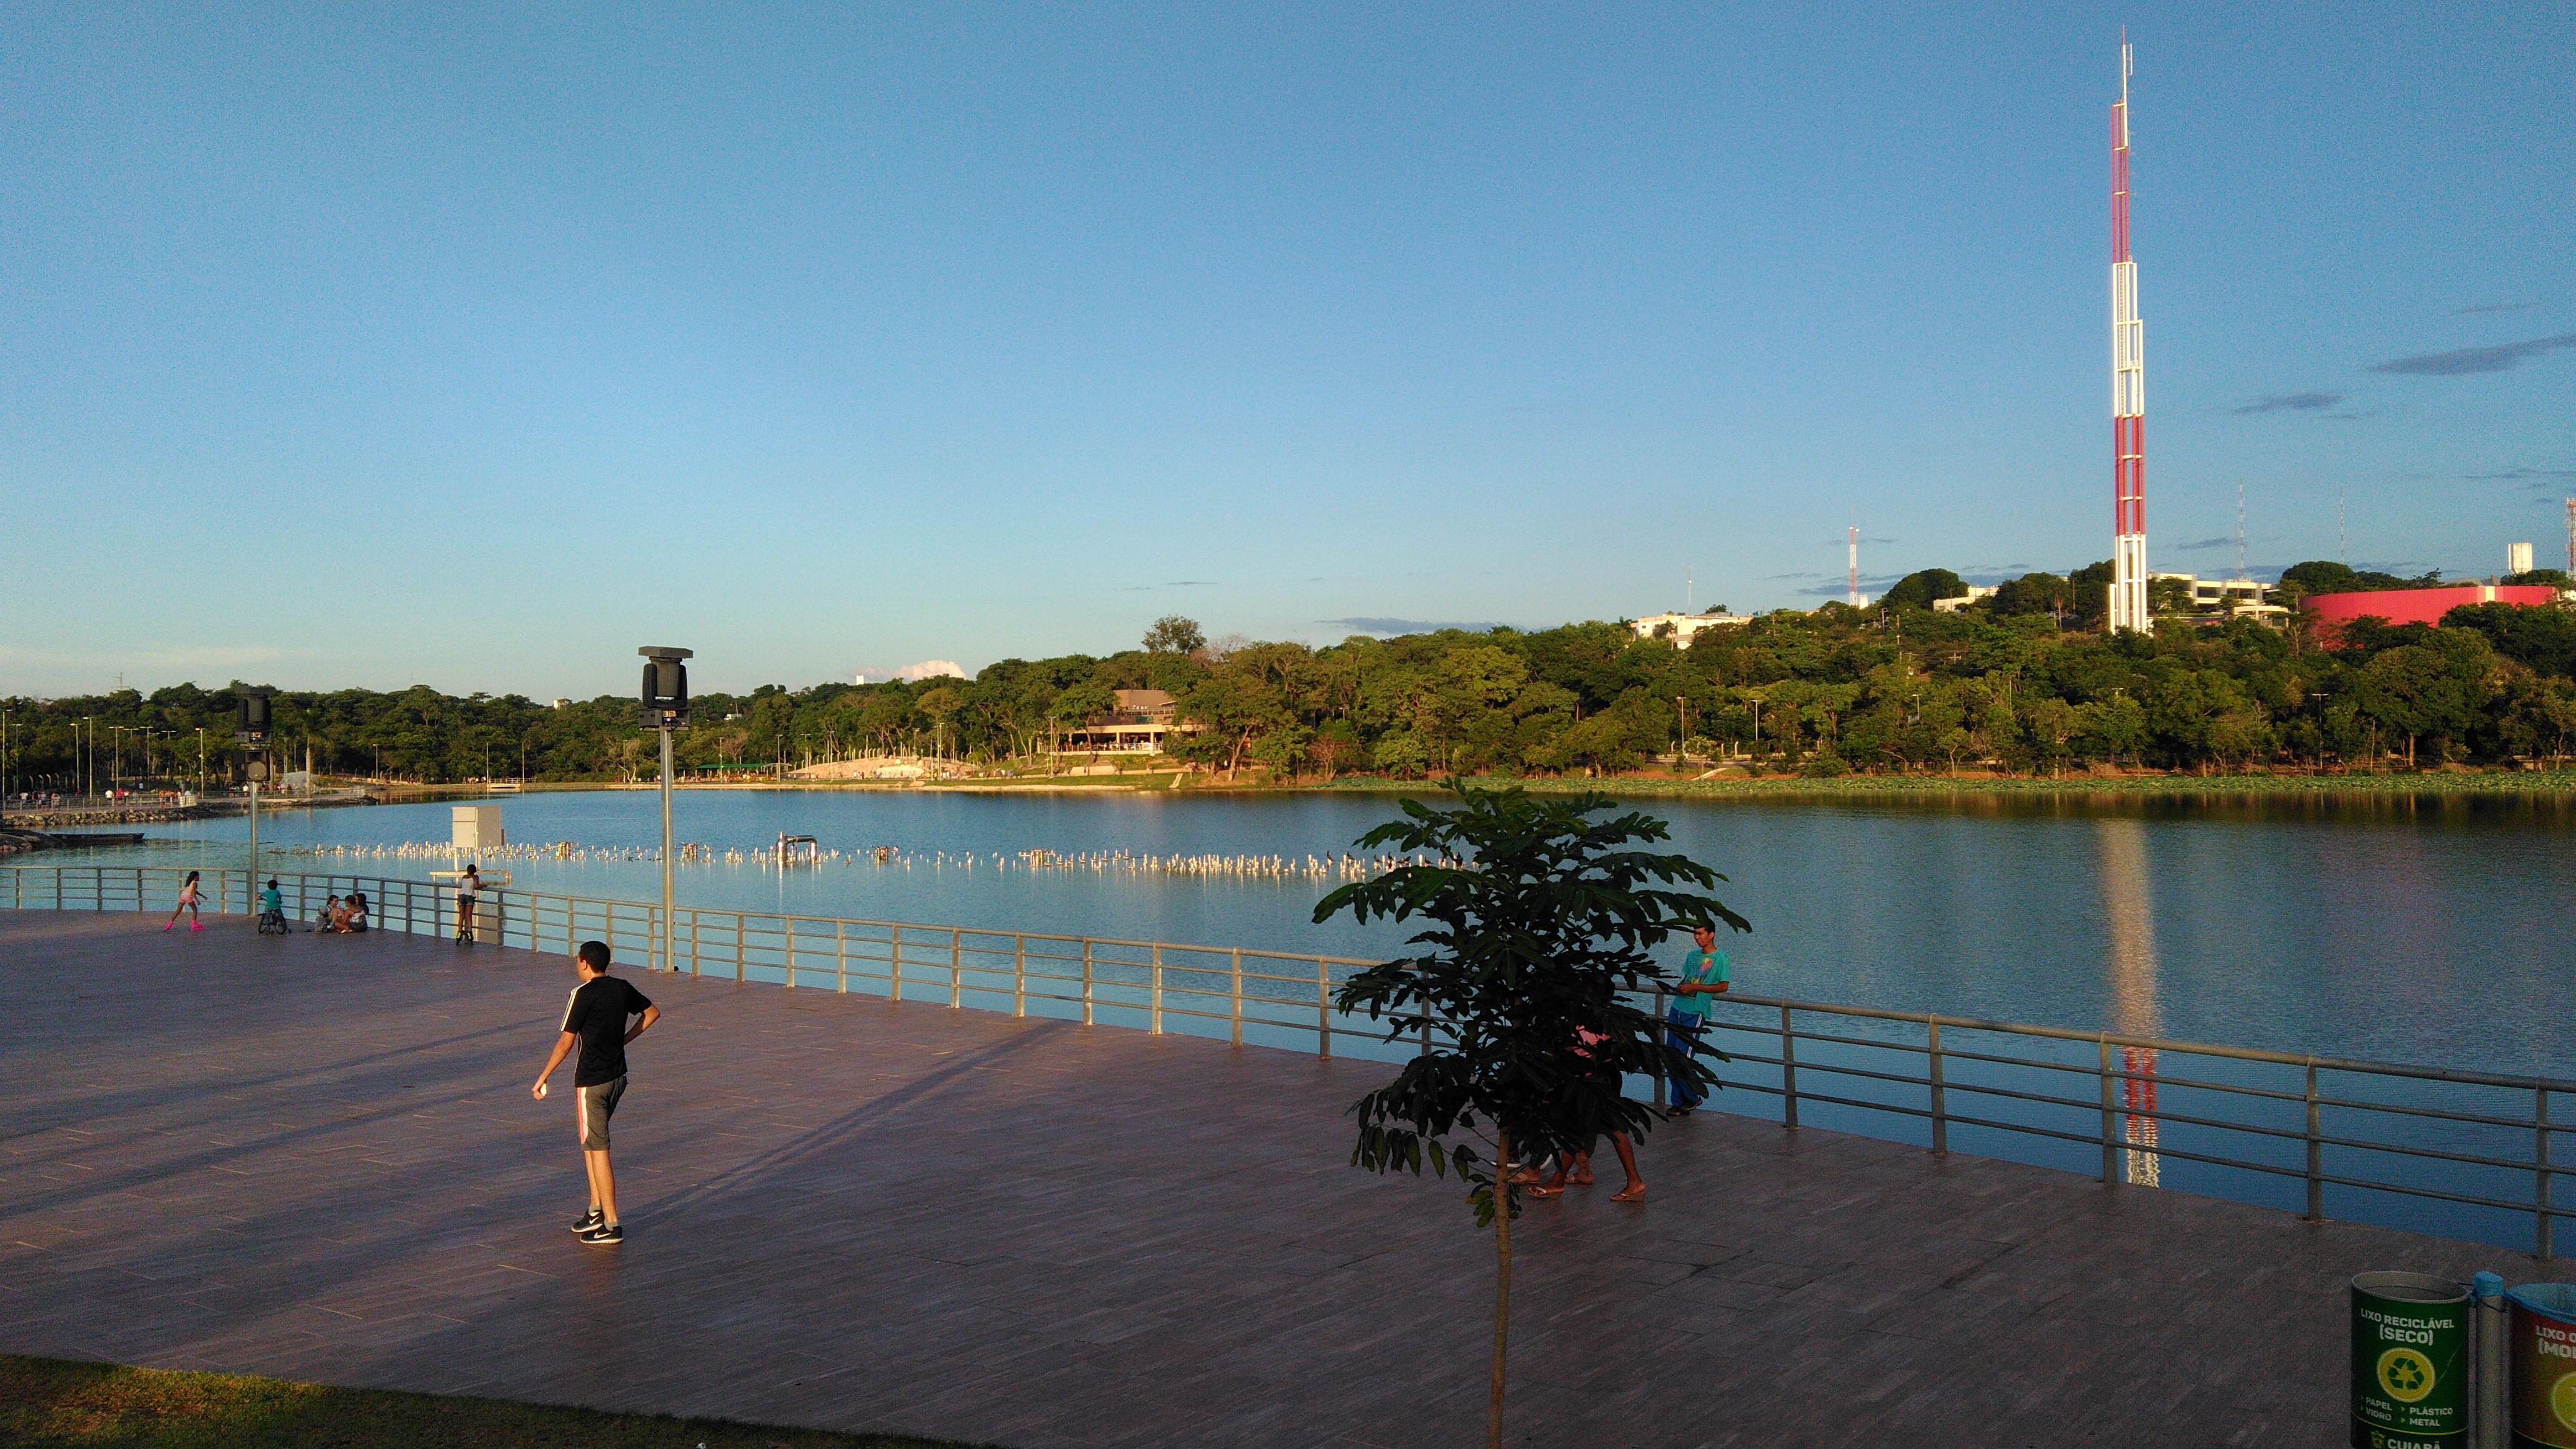 parque-das-aguas